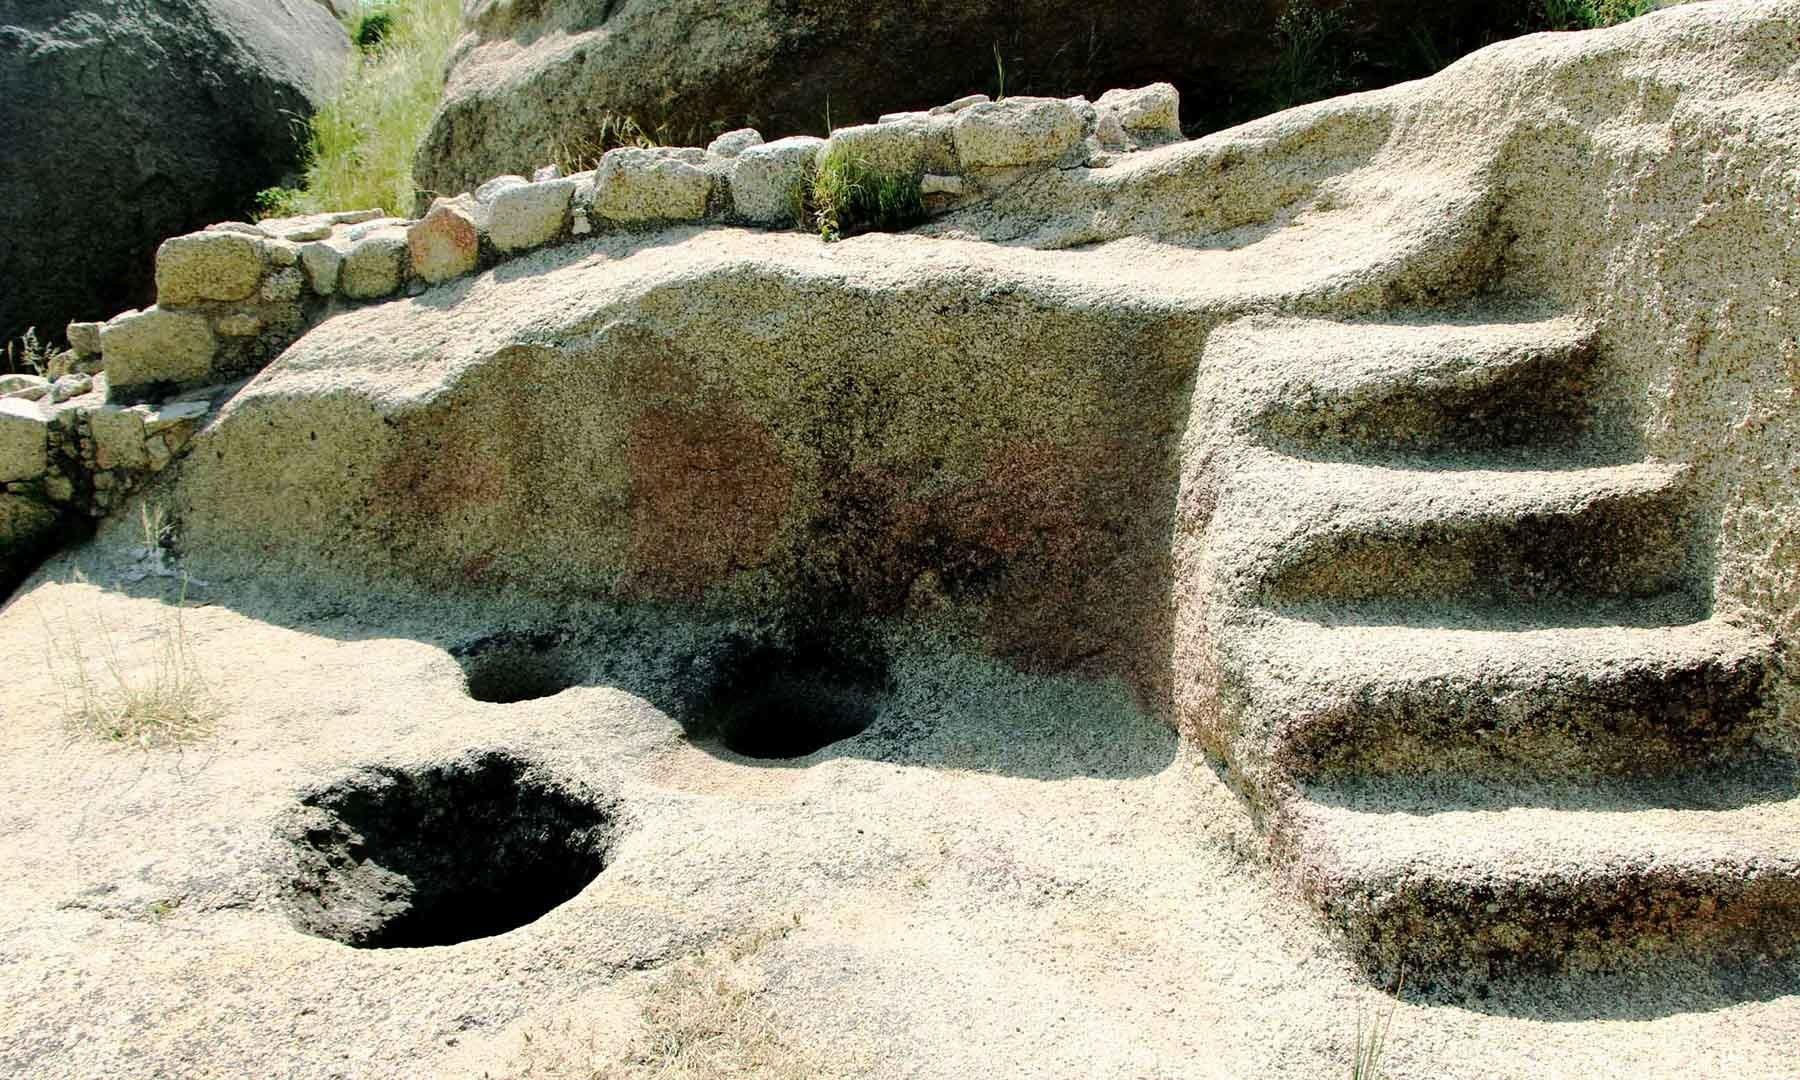 رانی کے محل میں موجود لنگر کے آثار—تصویر امجد علی سحاب